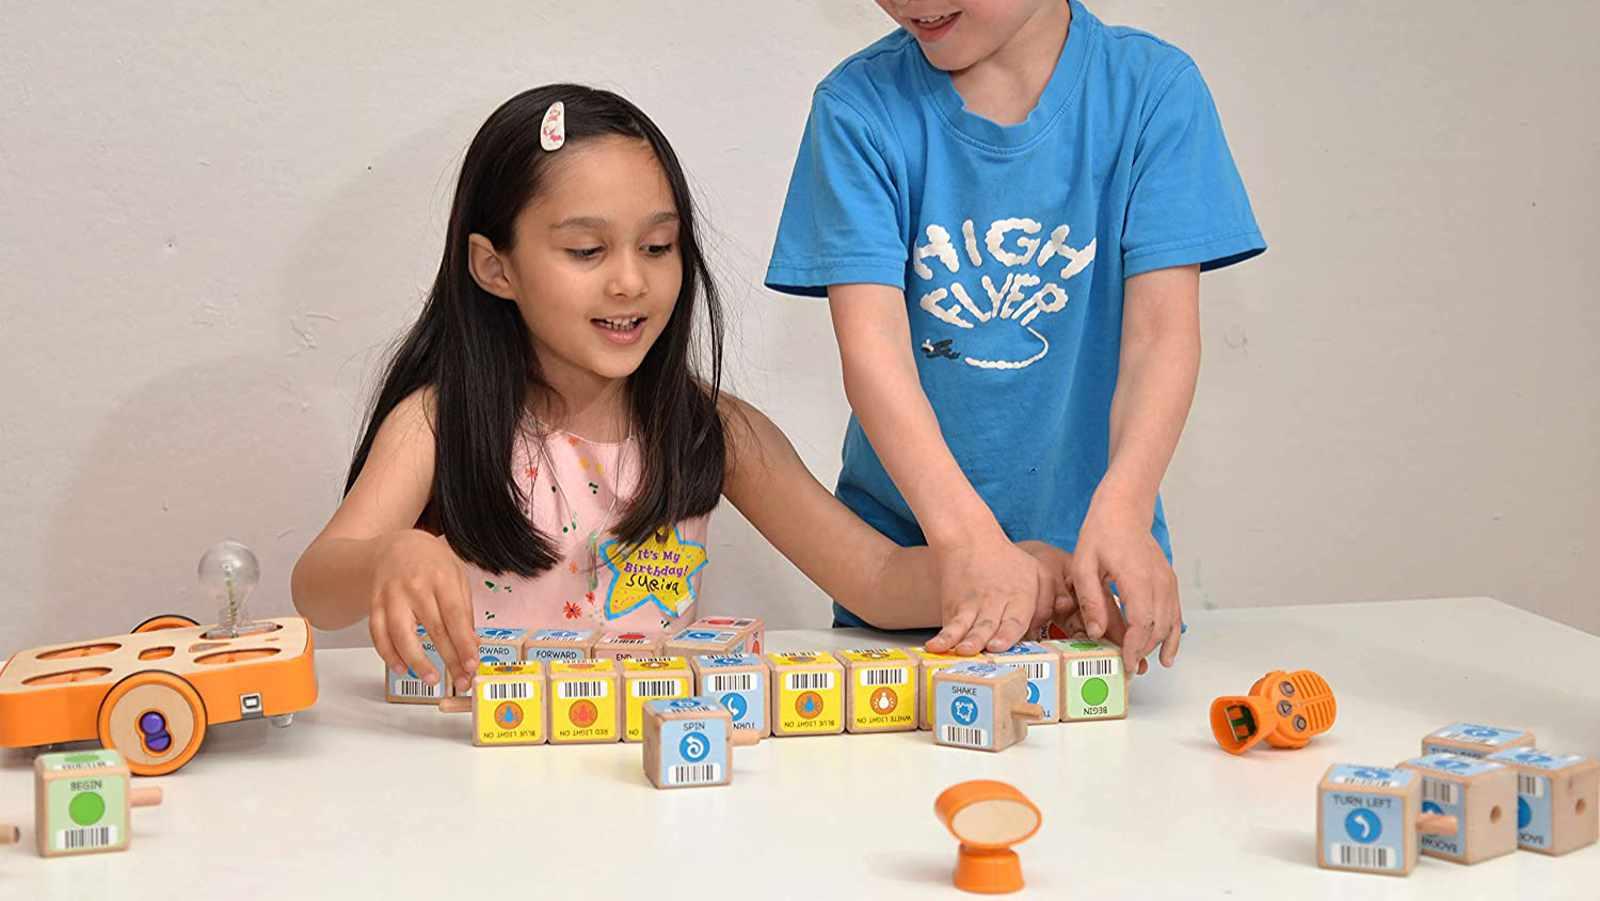 kibo stem toys